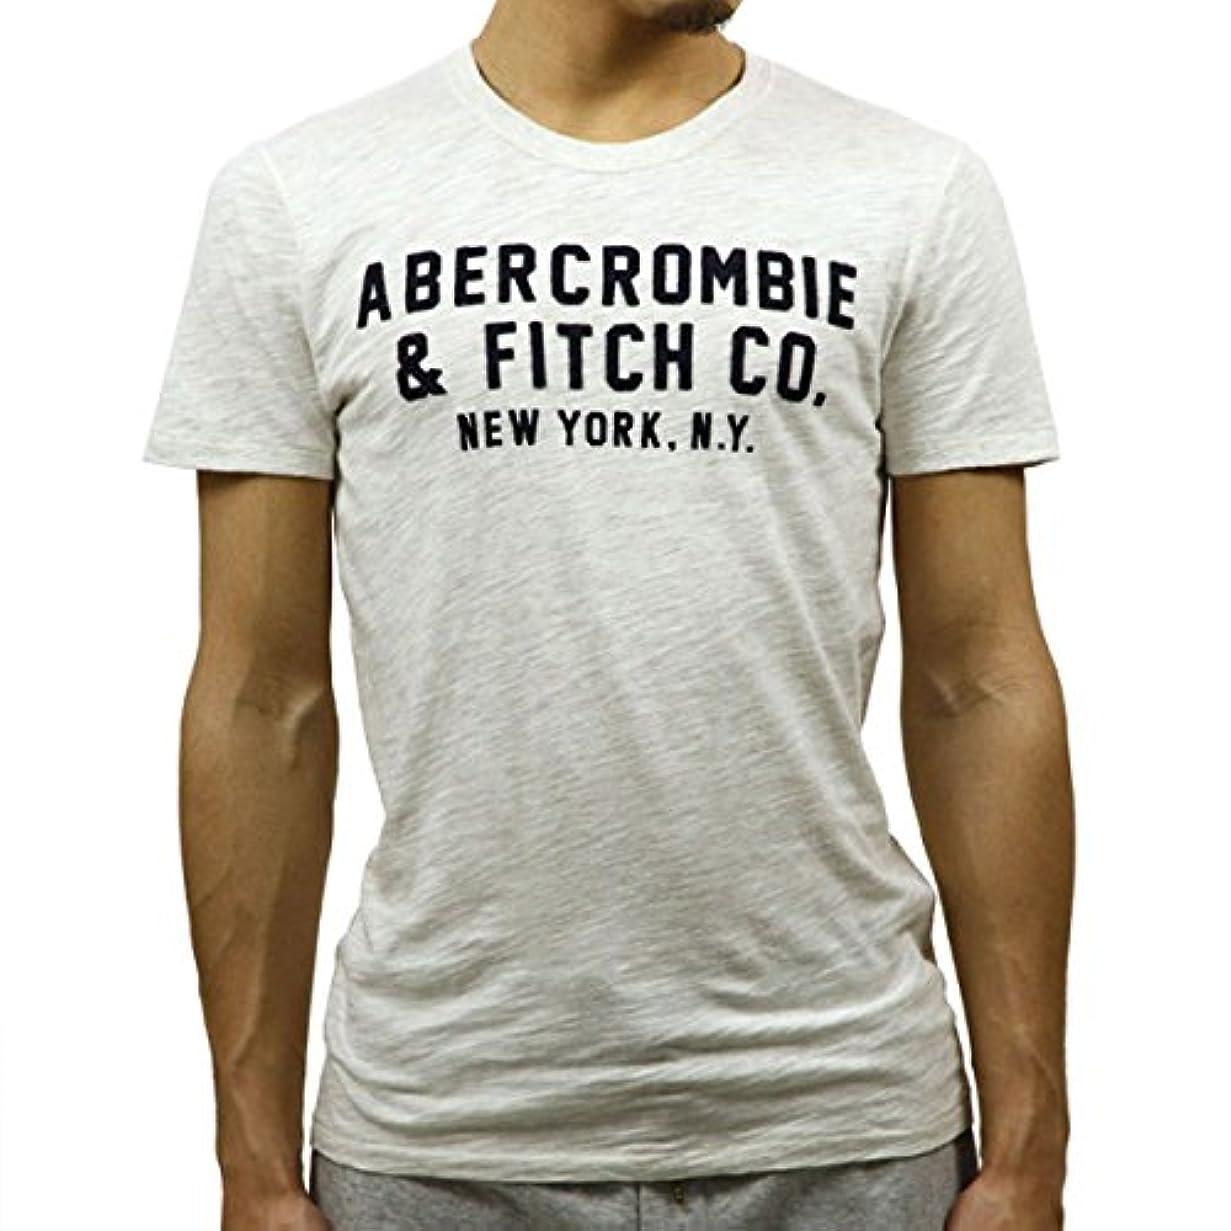 連合ひねくれた急速な[アバクロ] Abercrombie&Fitch 正規品 メンズ 半袖Tシャツ APPLIQUE GRAPHIC TEE 123-238-2178 並行輸入品